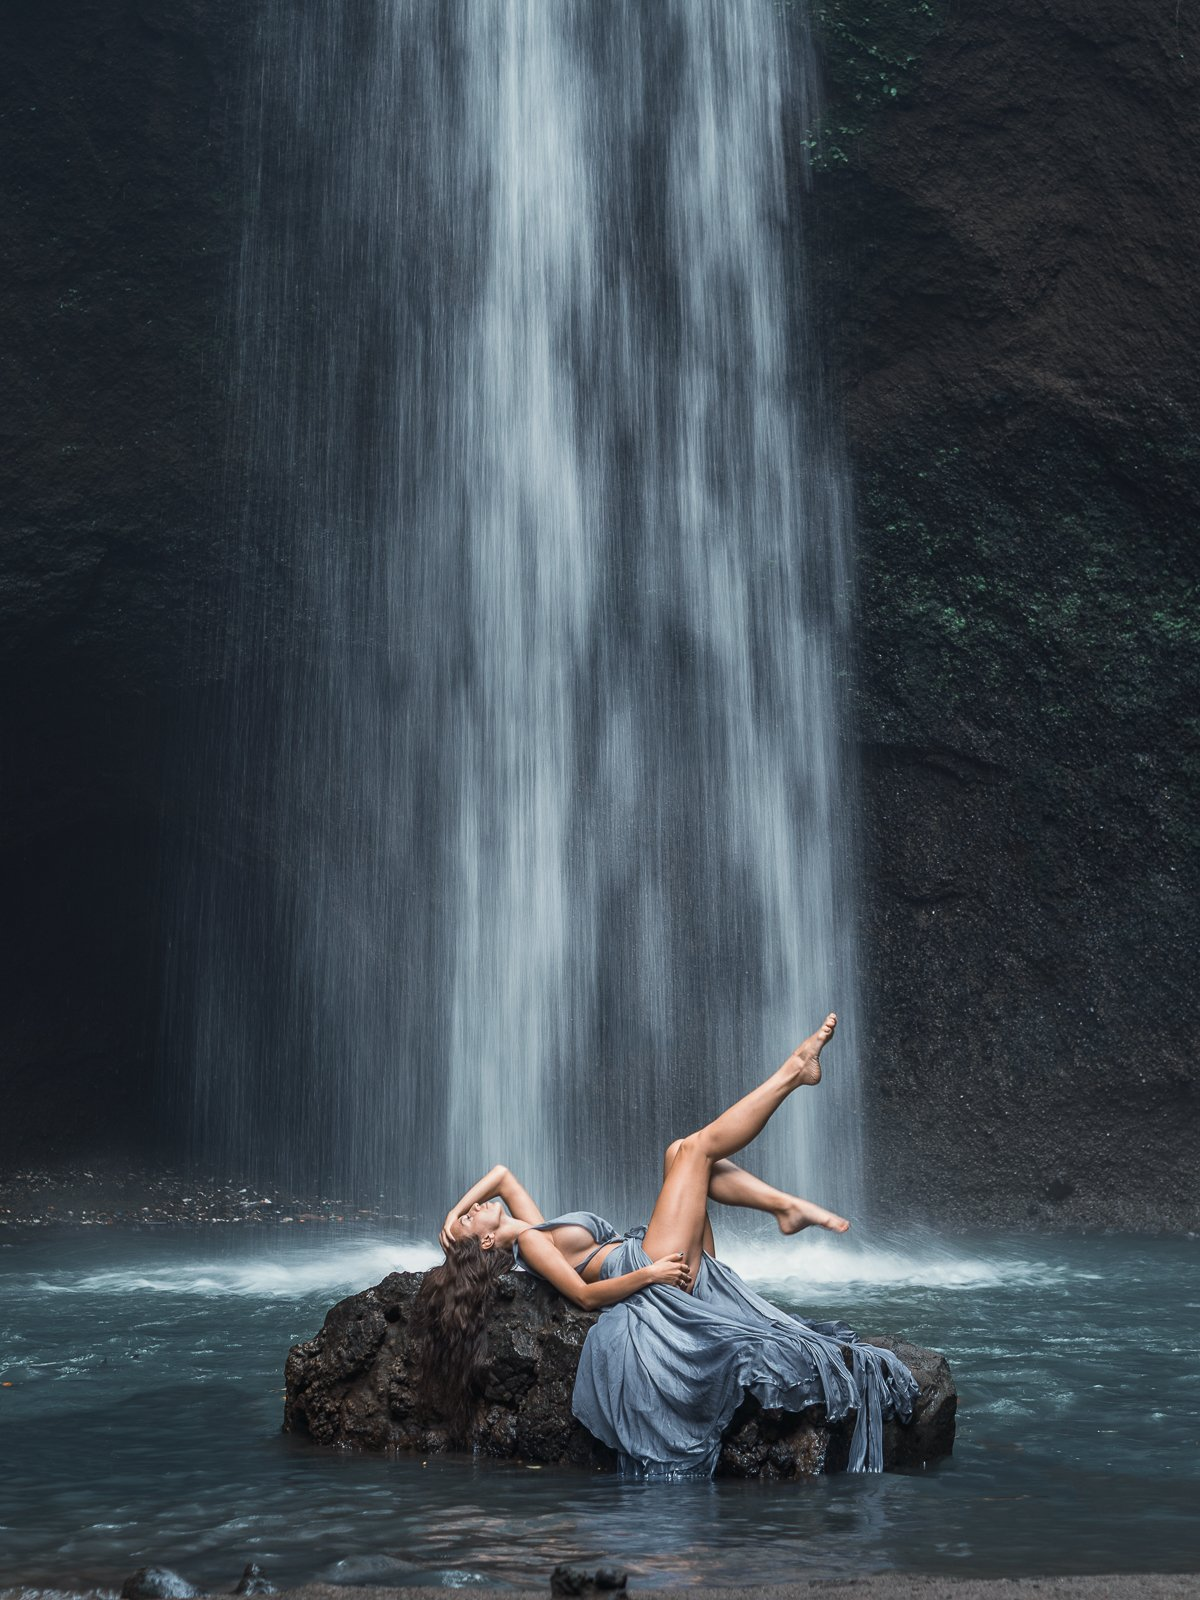 водопад, бали, индонезия, Марго Журавлёва